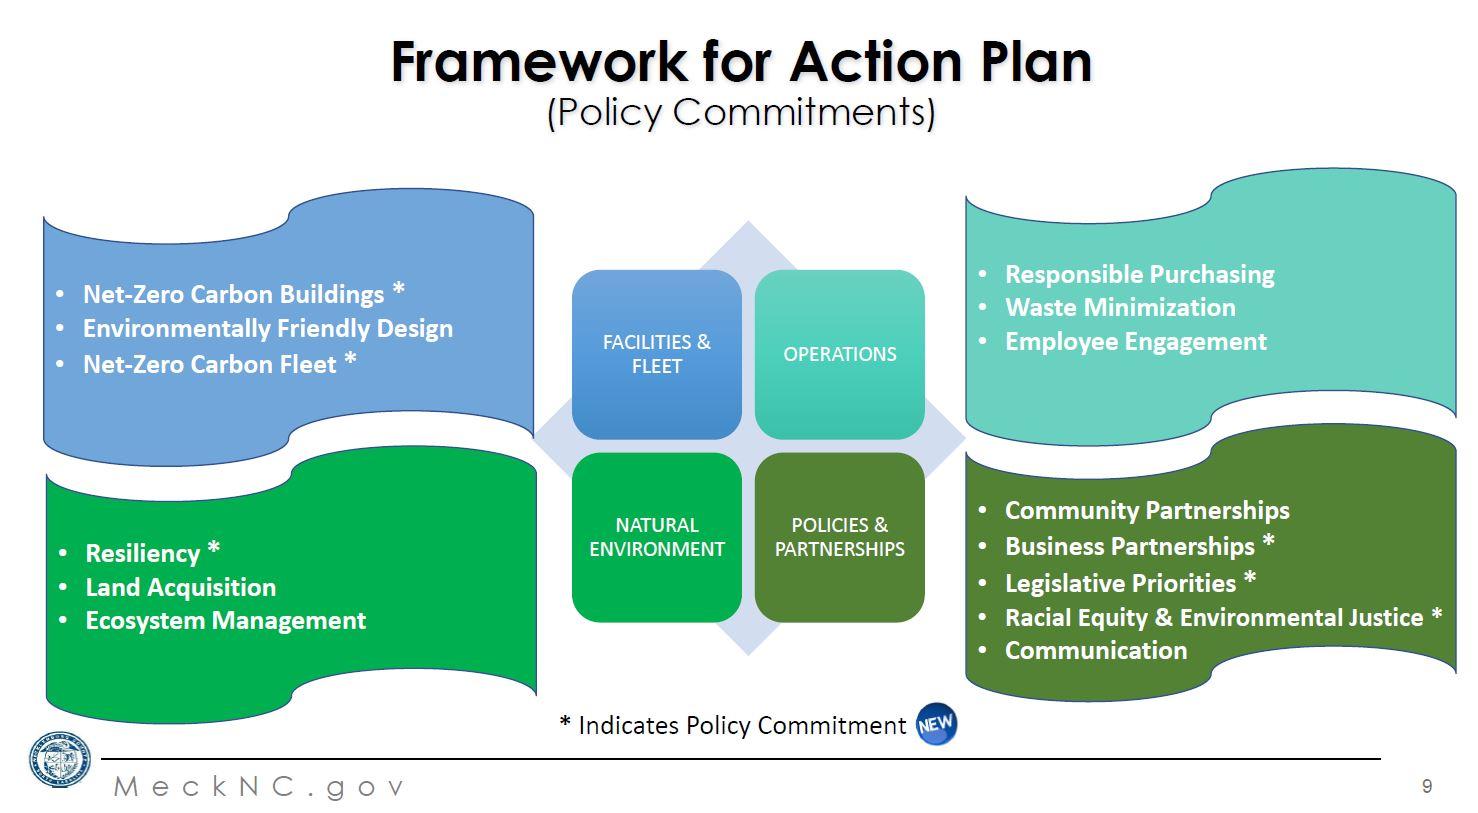 FrameworkForActionPlan.JPG